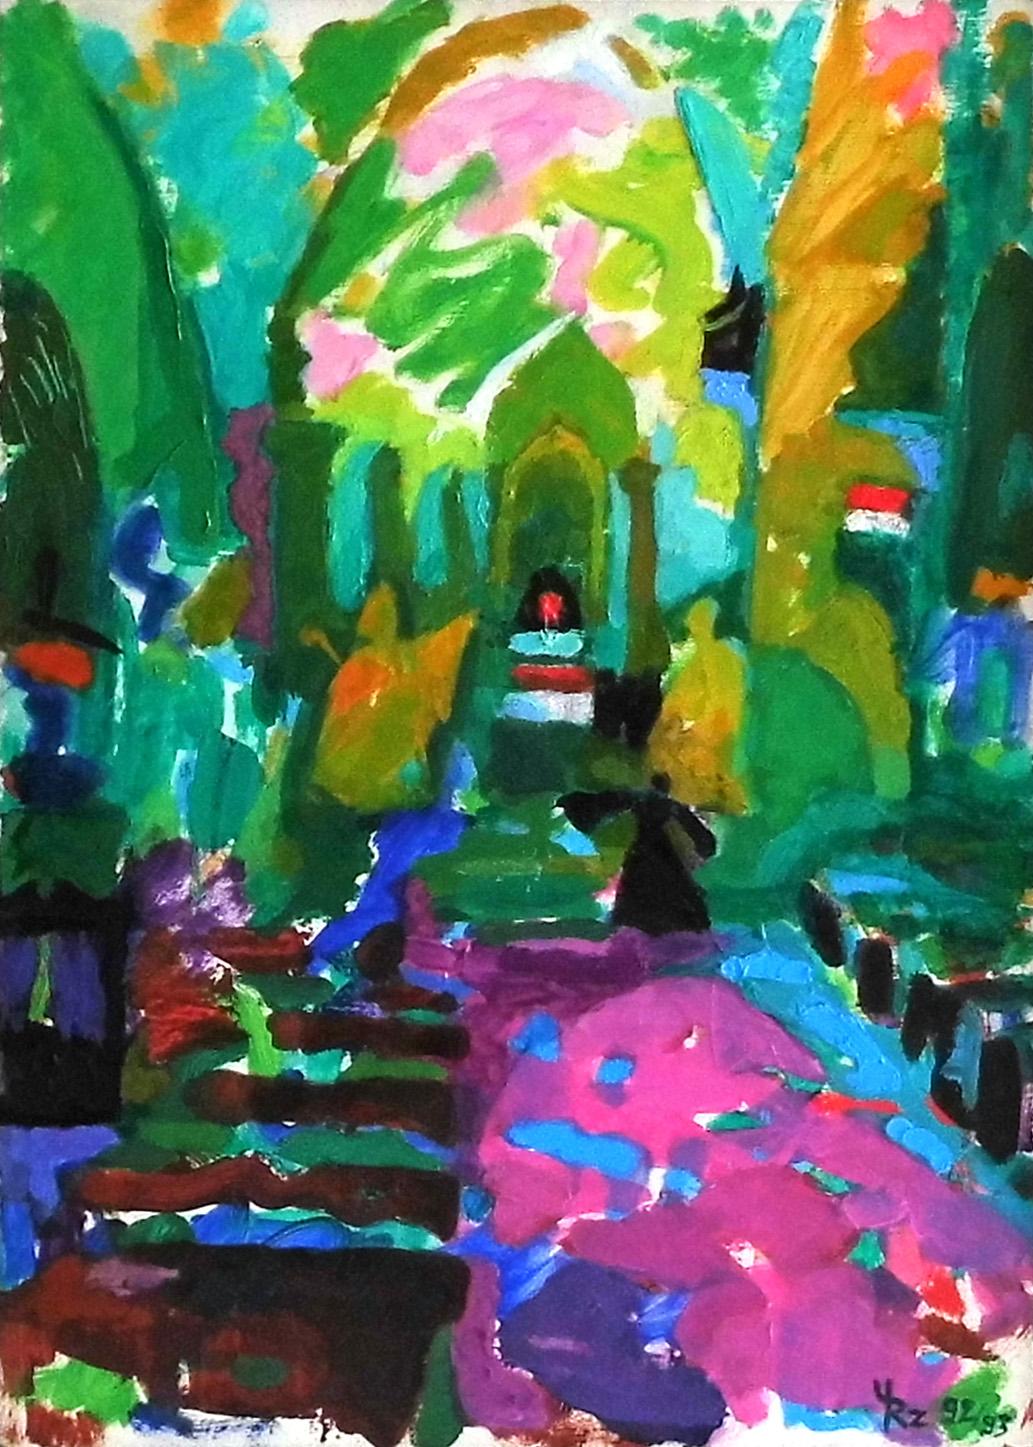 04-Ursula Rzodeczko-In der Dorotheenkirche zu Breslau-1992_93-Öl auf Hartfaser-52x37